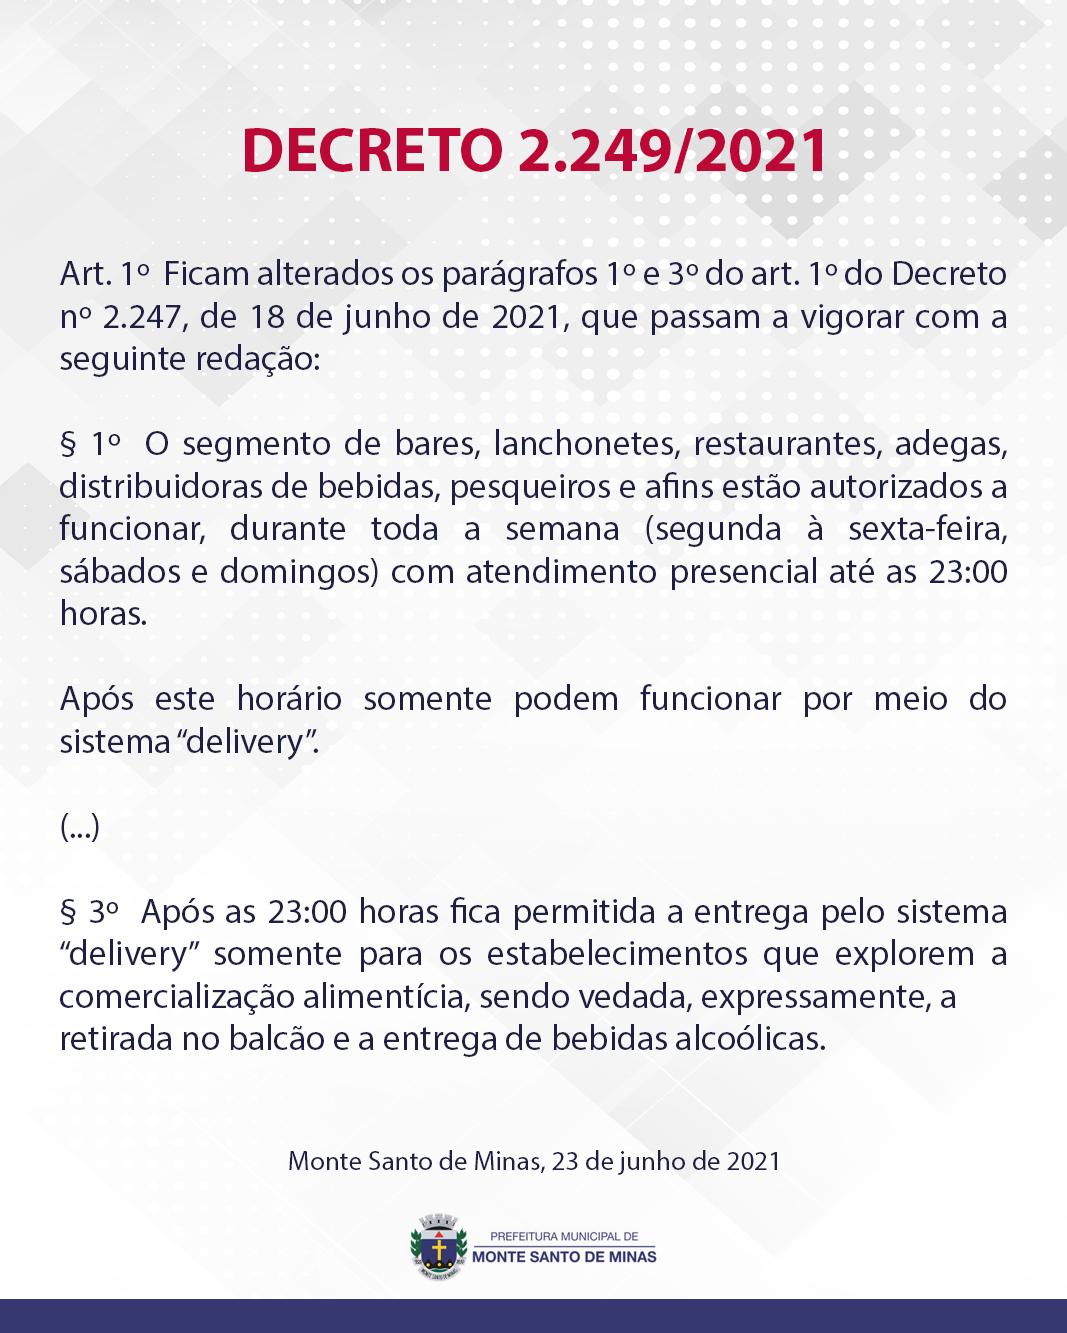 DECRETO-2249